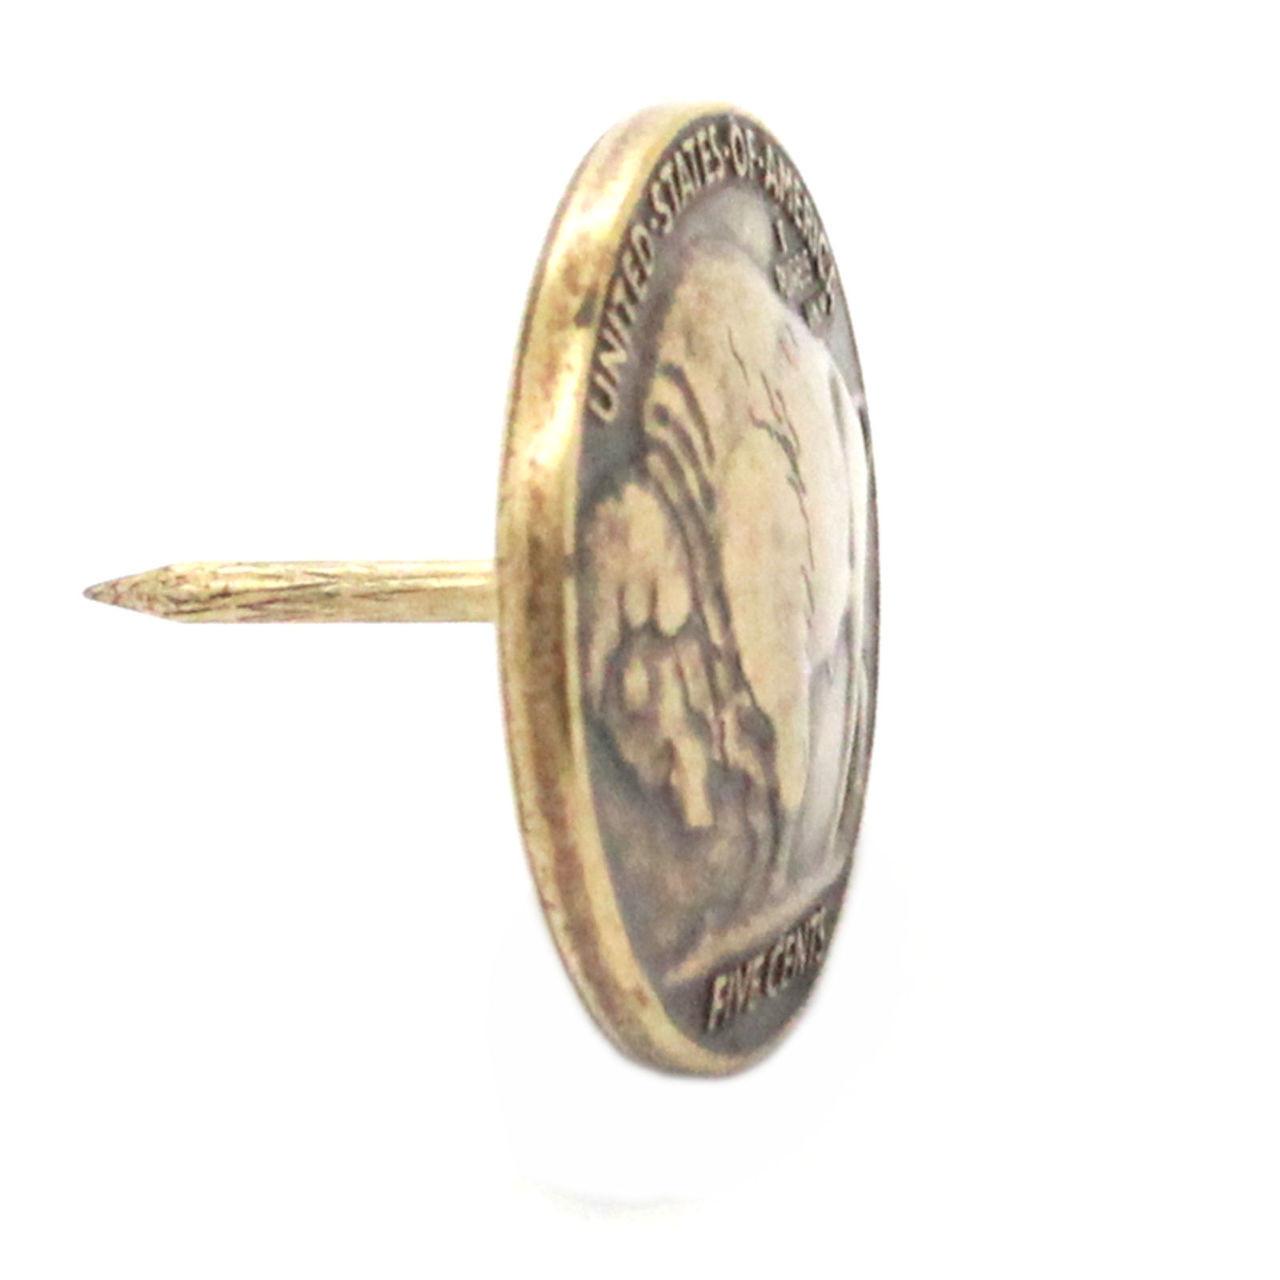 Buffalo nickel antique brass side